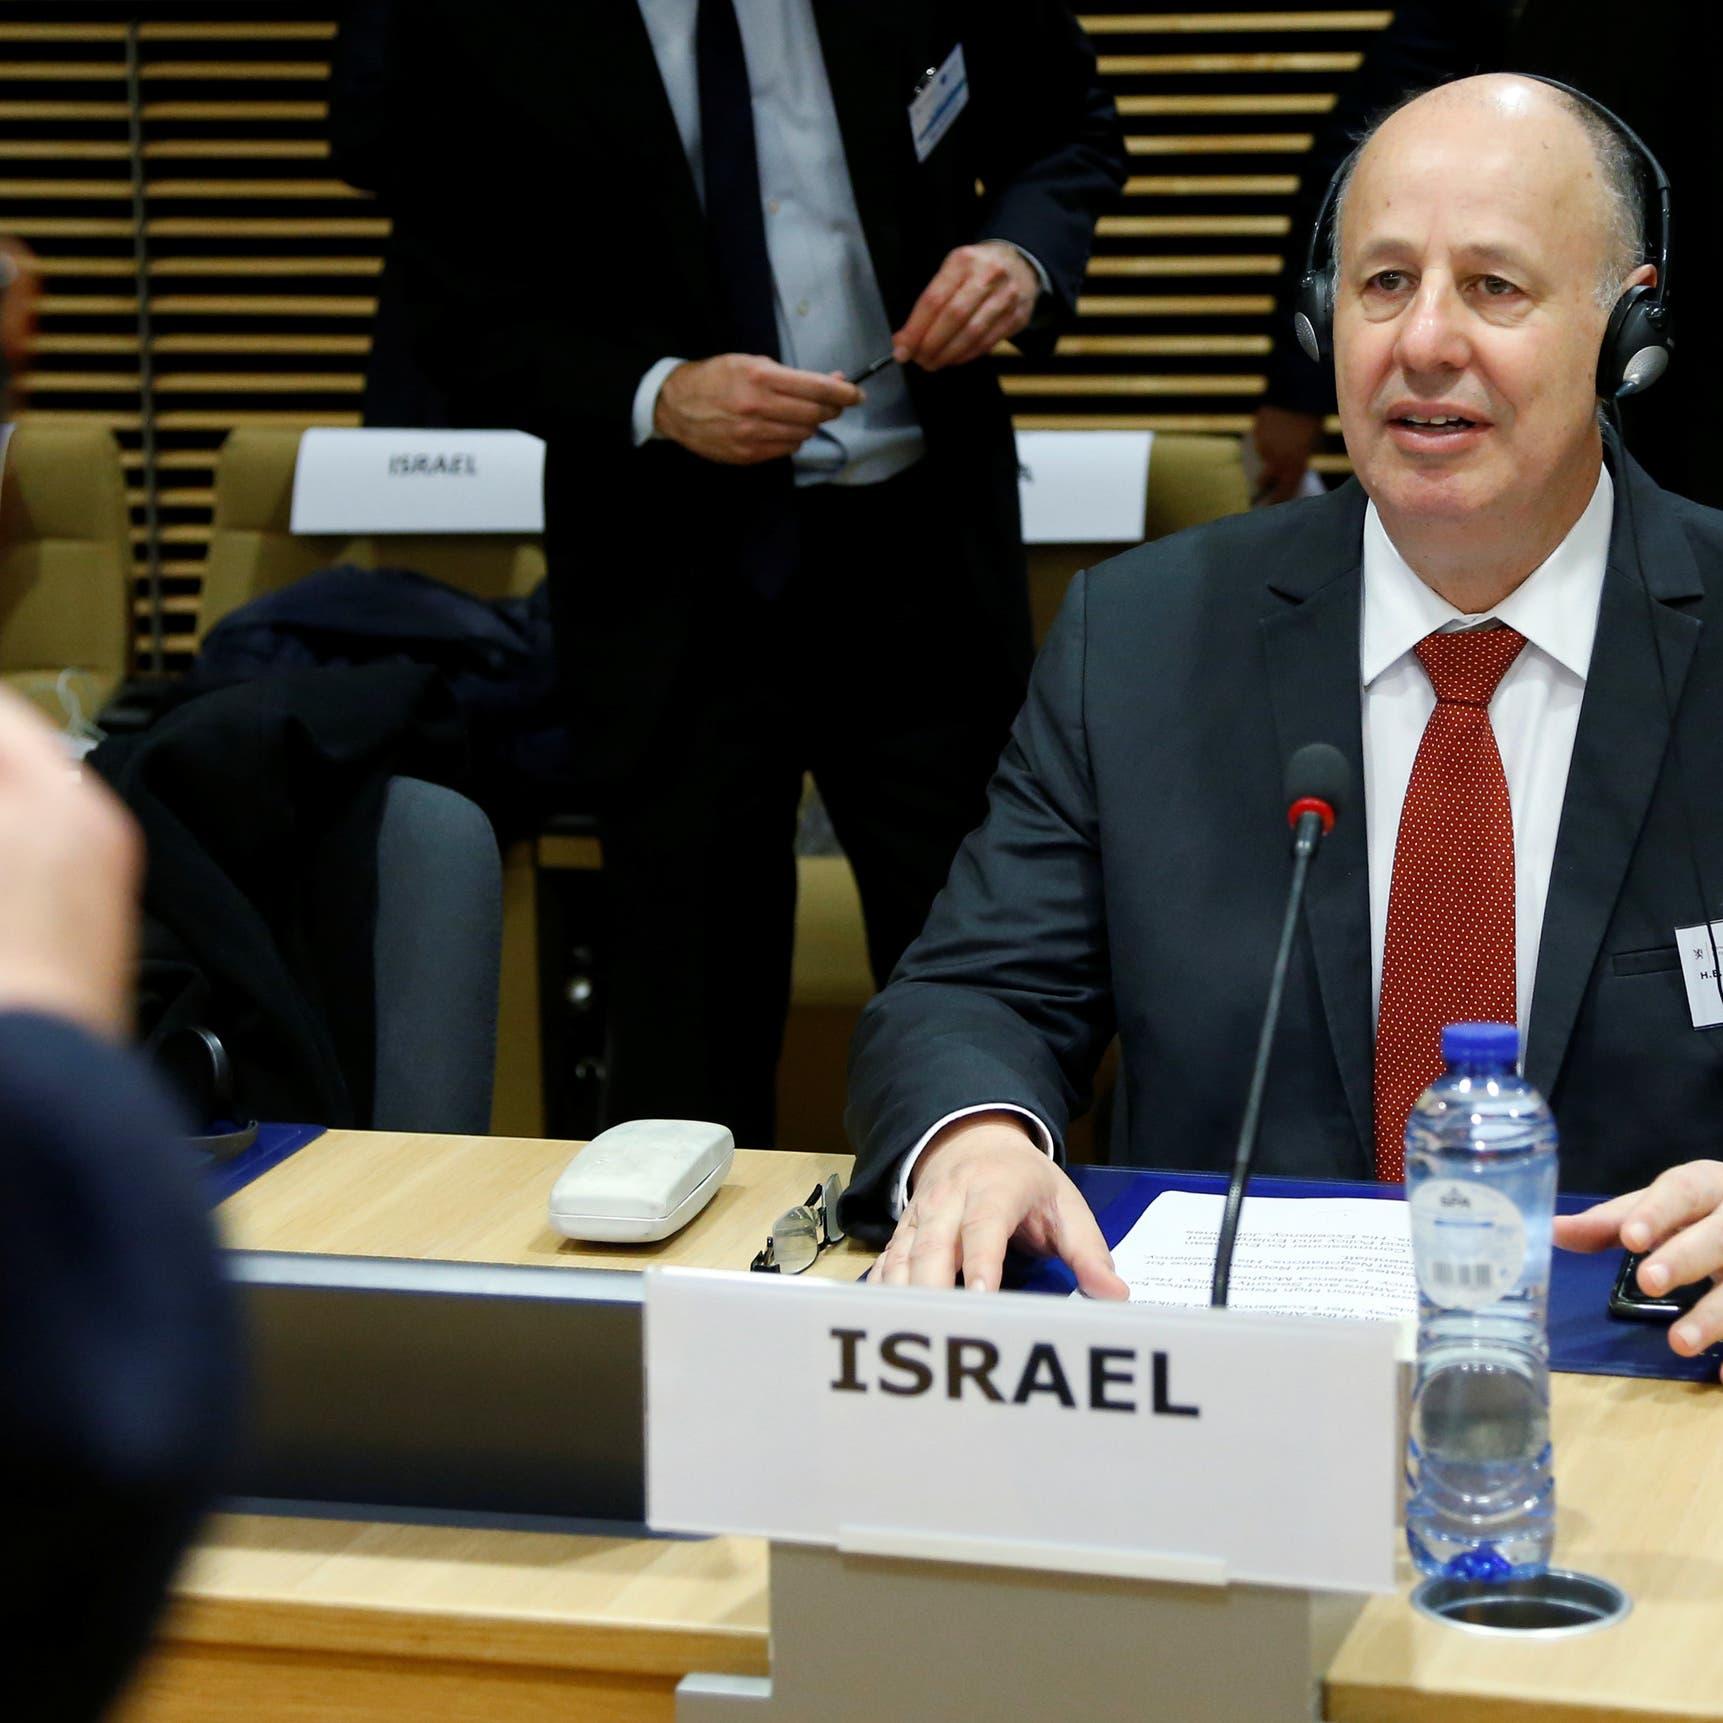 سفارات إسرائيل بحالة تأهب.. وتركيا تندد باغتيال فخري زاده